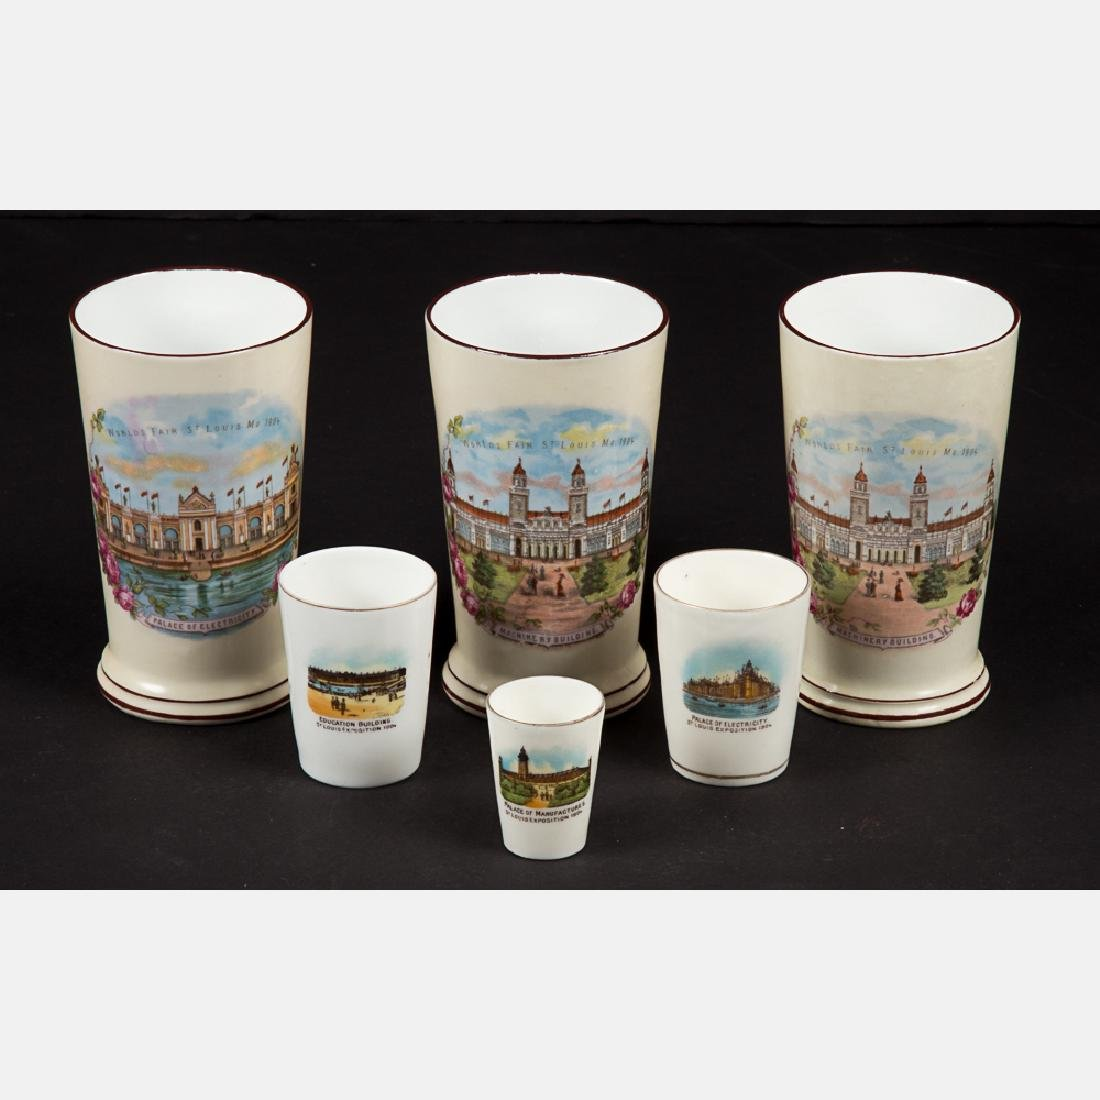 A Group of Six Porcelain Souvenir Cups by Various